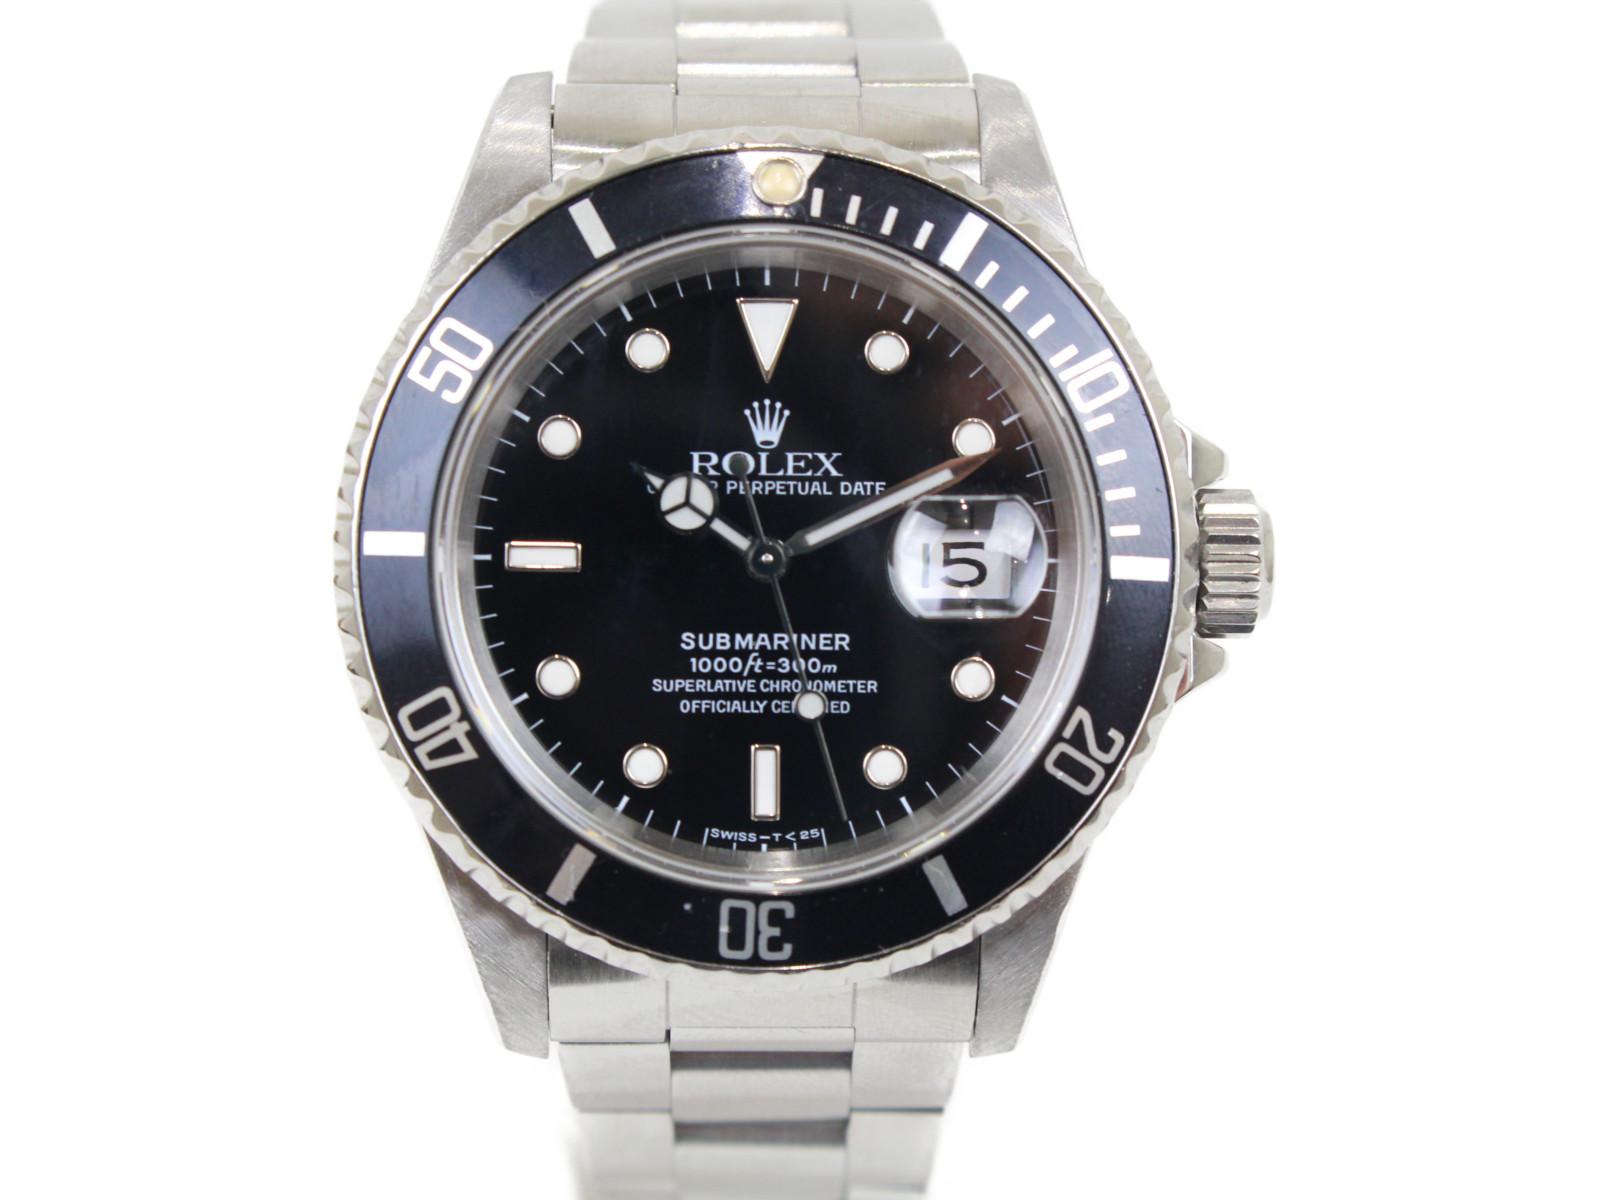 ROLEX ロレックス サブマリーナーデイト 16610 X番 自動巻き デイト SS ステンレススチール ブラック メンズ 腕時計【中古】